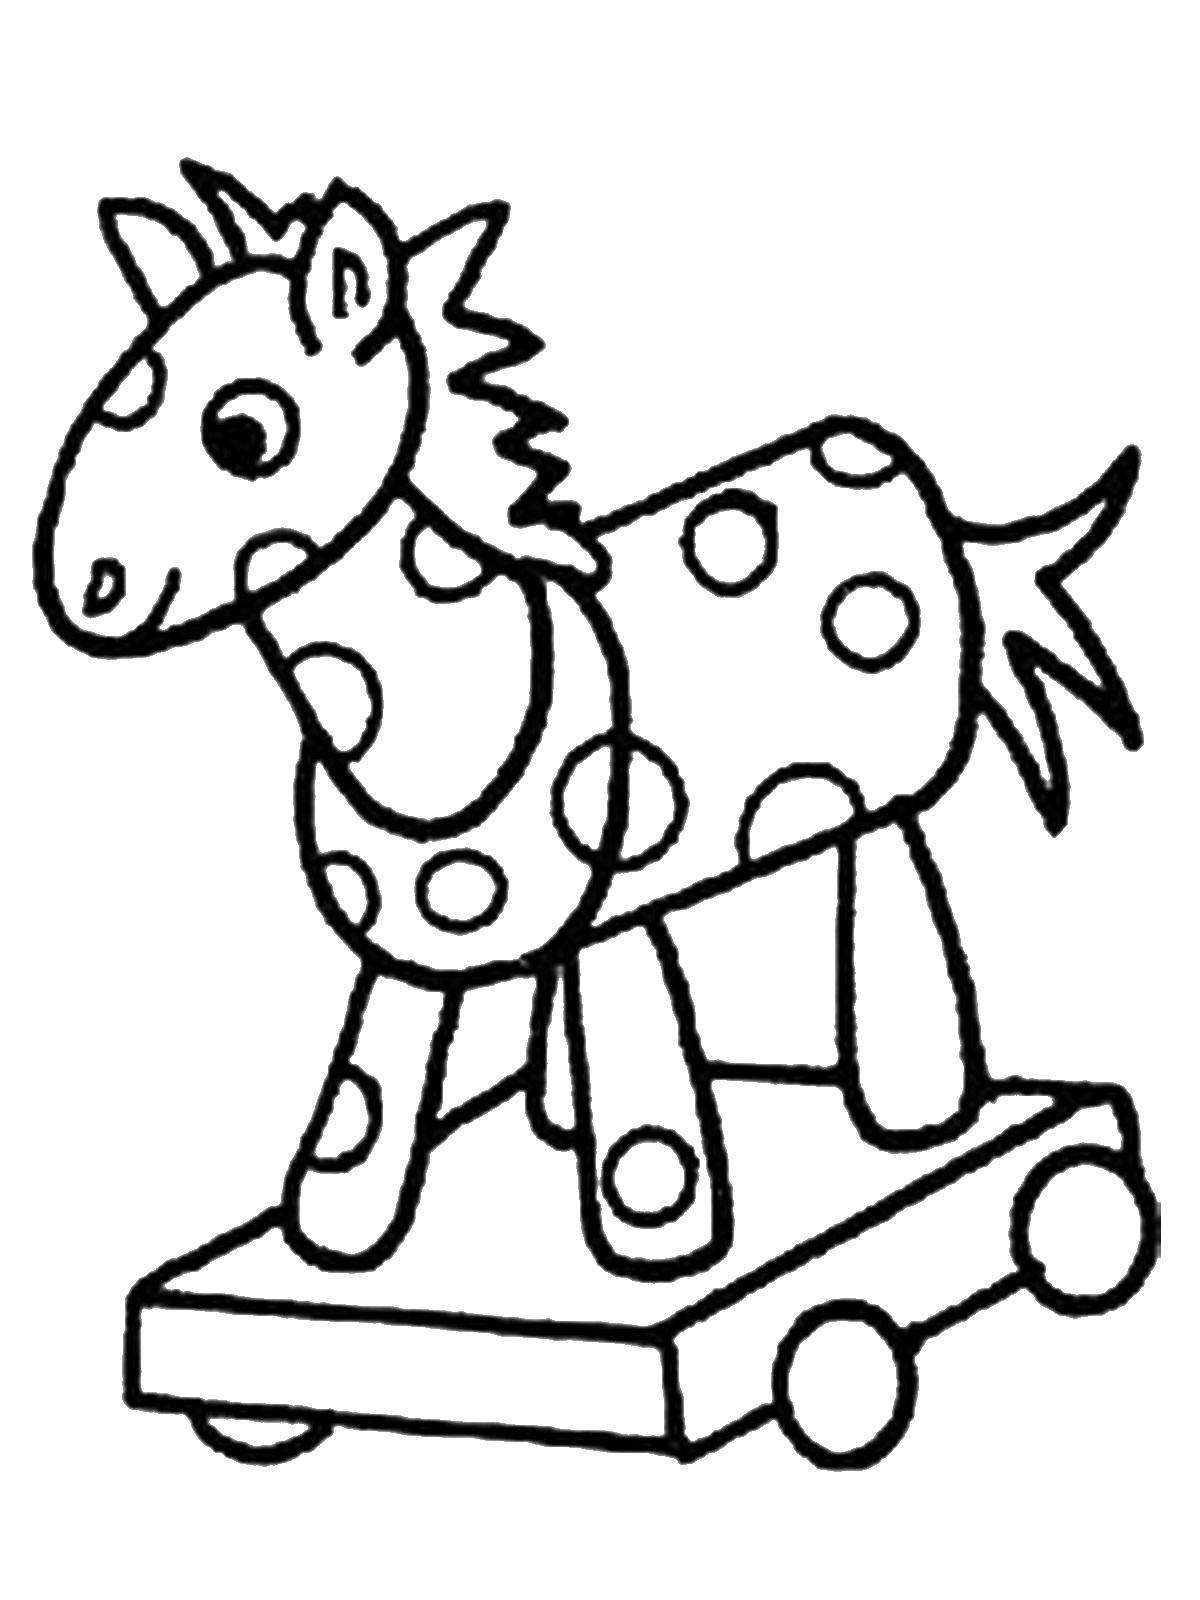 Раскраска Лошадка на колесиках Скачать лошадка, колесики.  Распечатать ,игрушки,